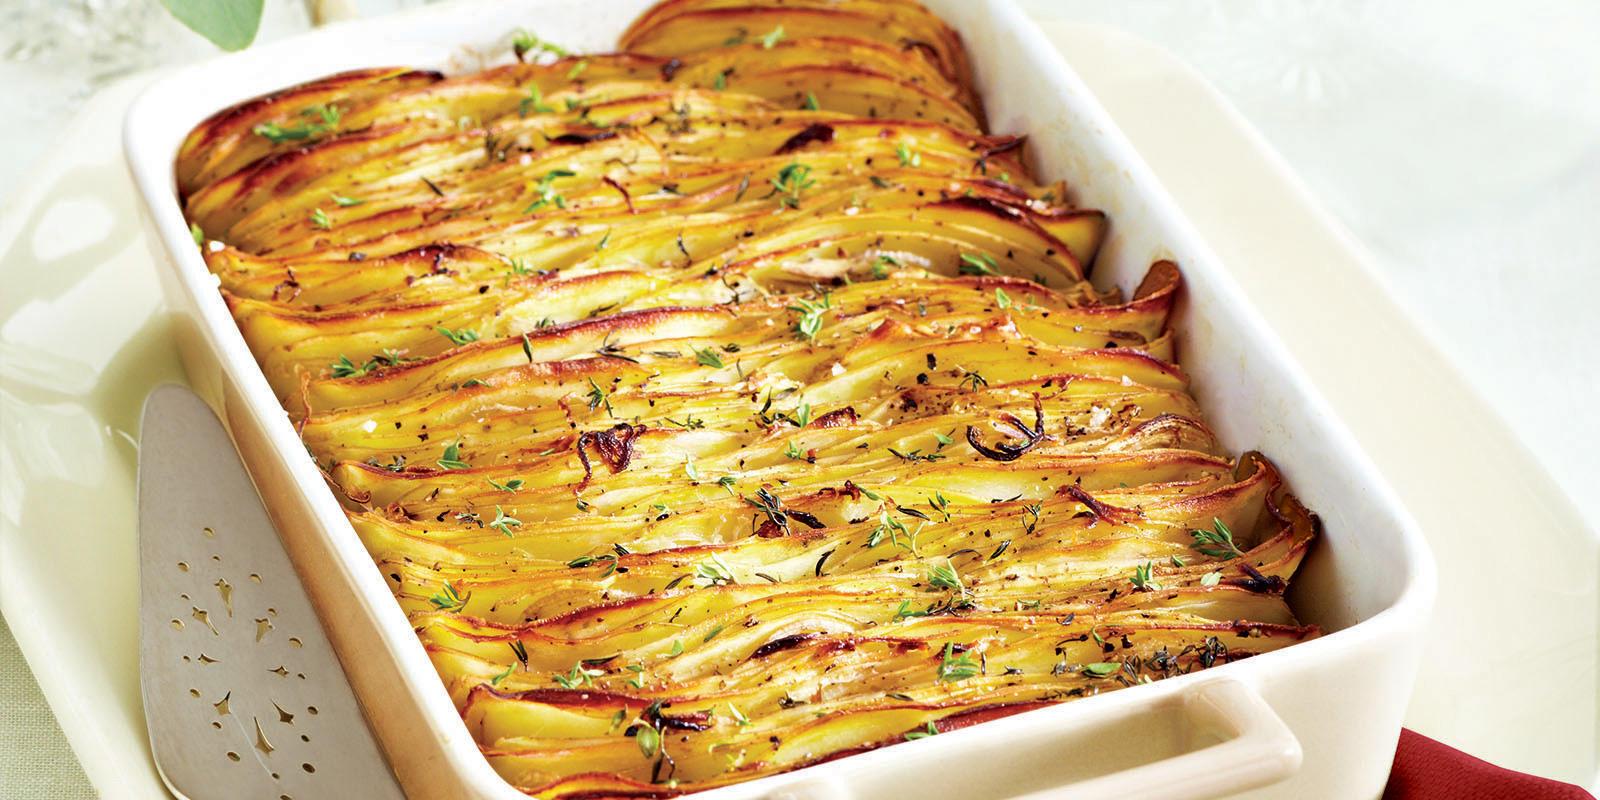 recipe: briam recipe jamie oliver [26]